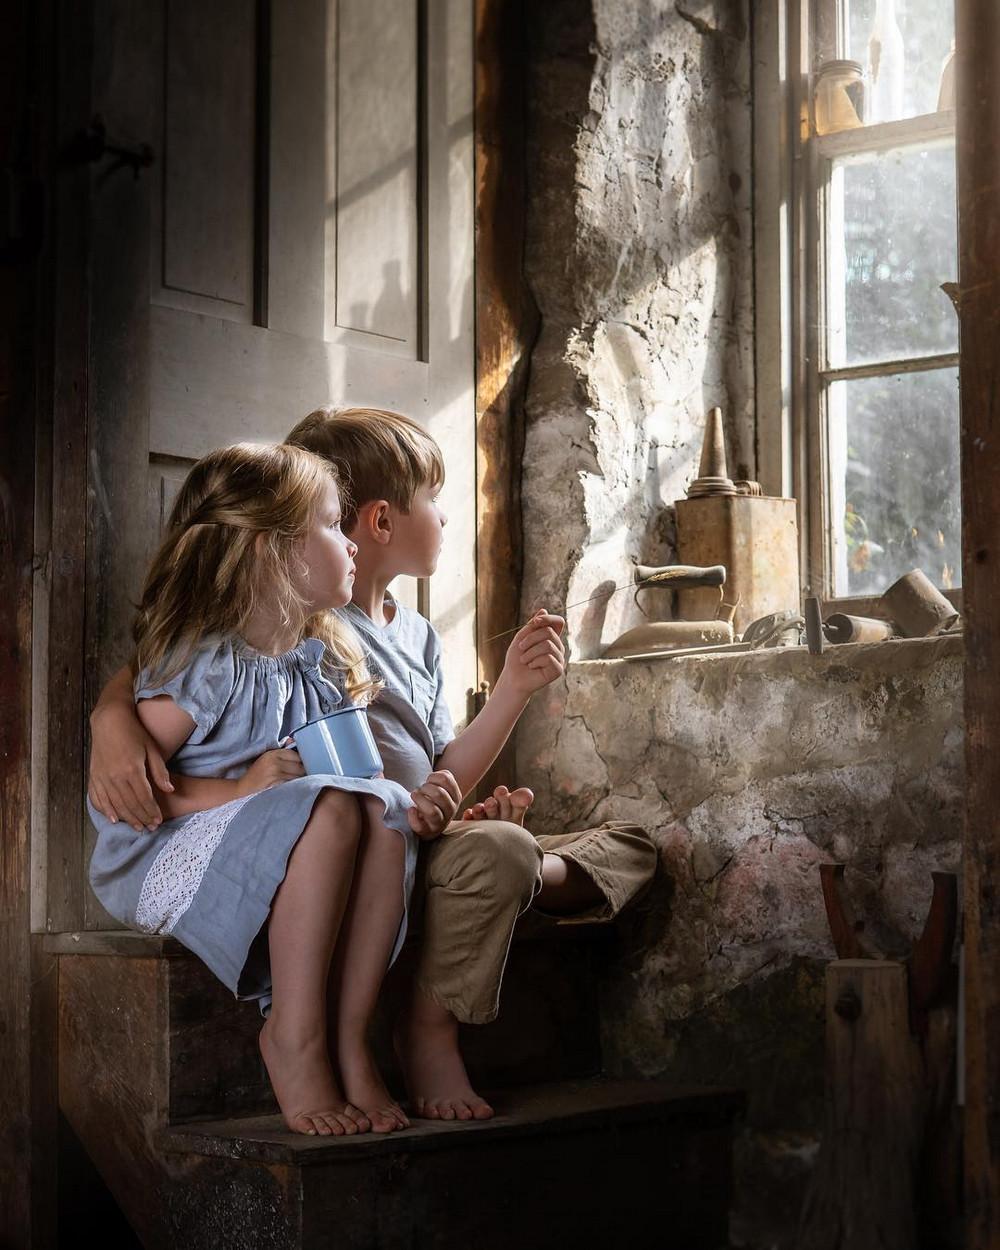 Ивона Подласинска фотографирует детство 18